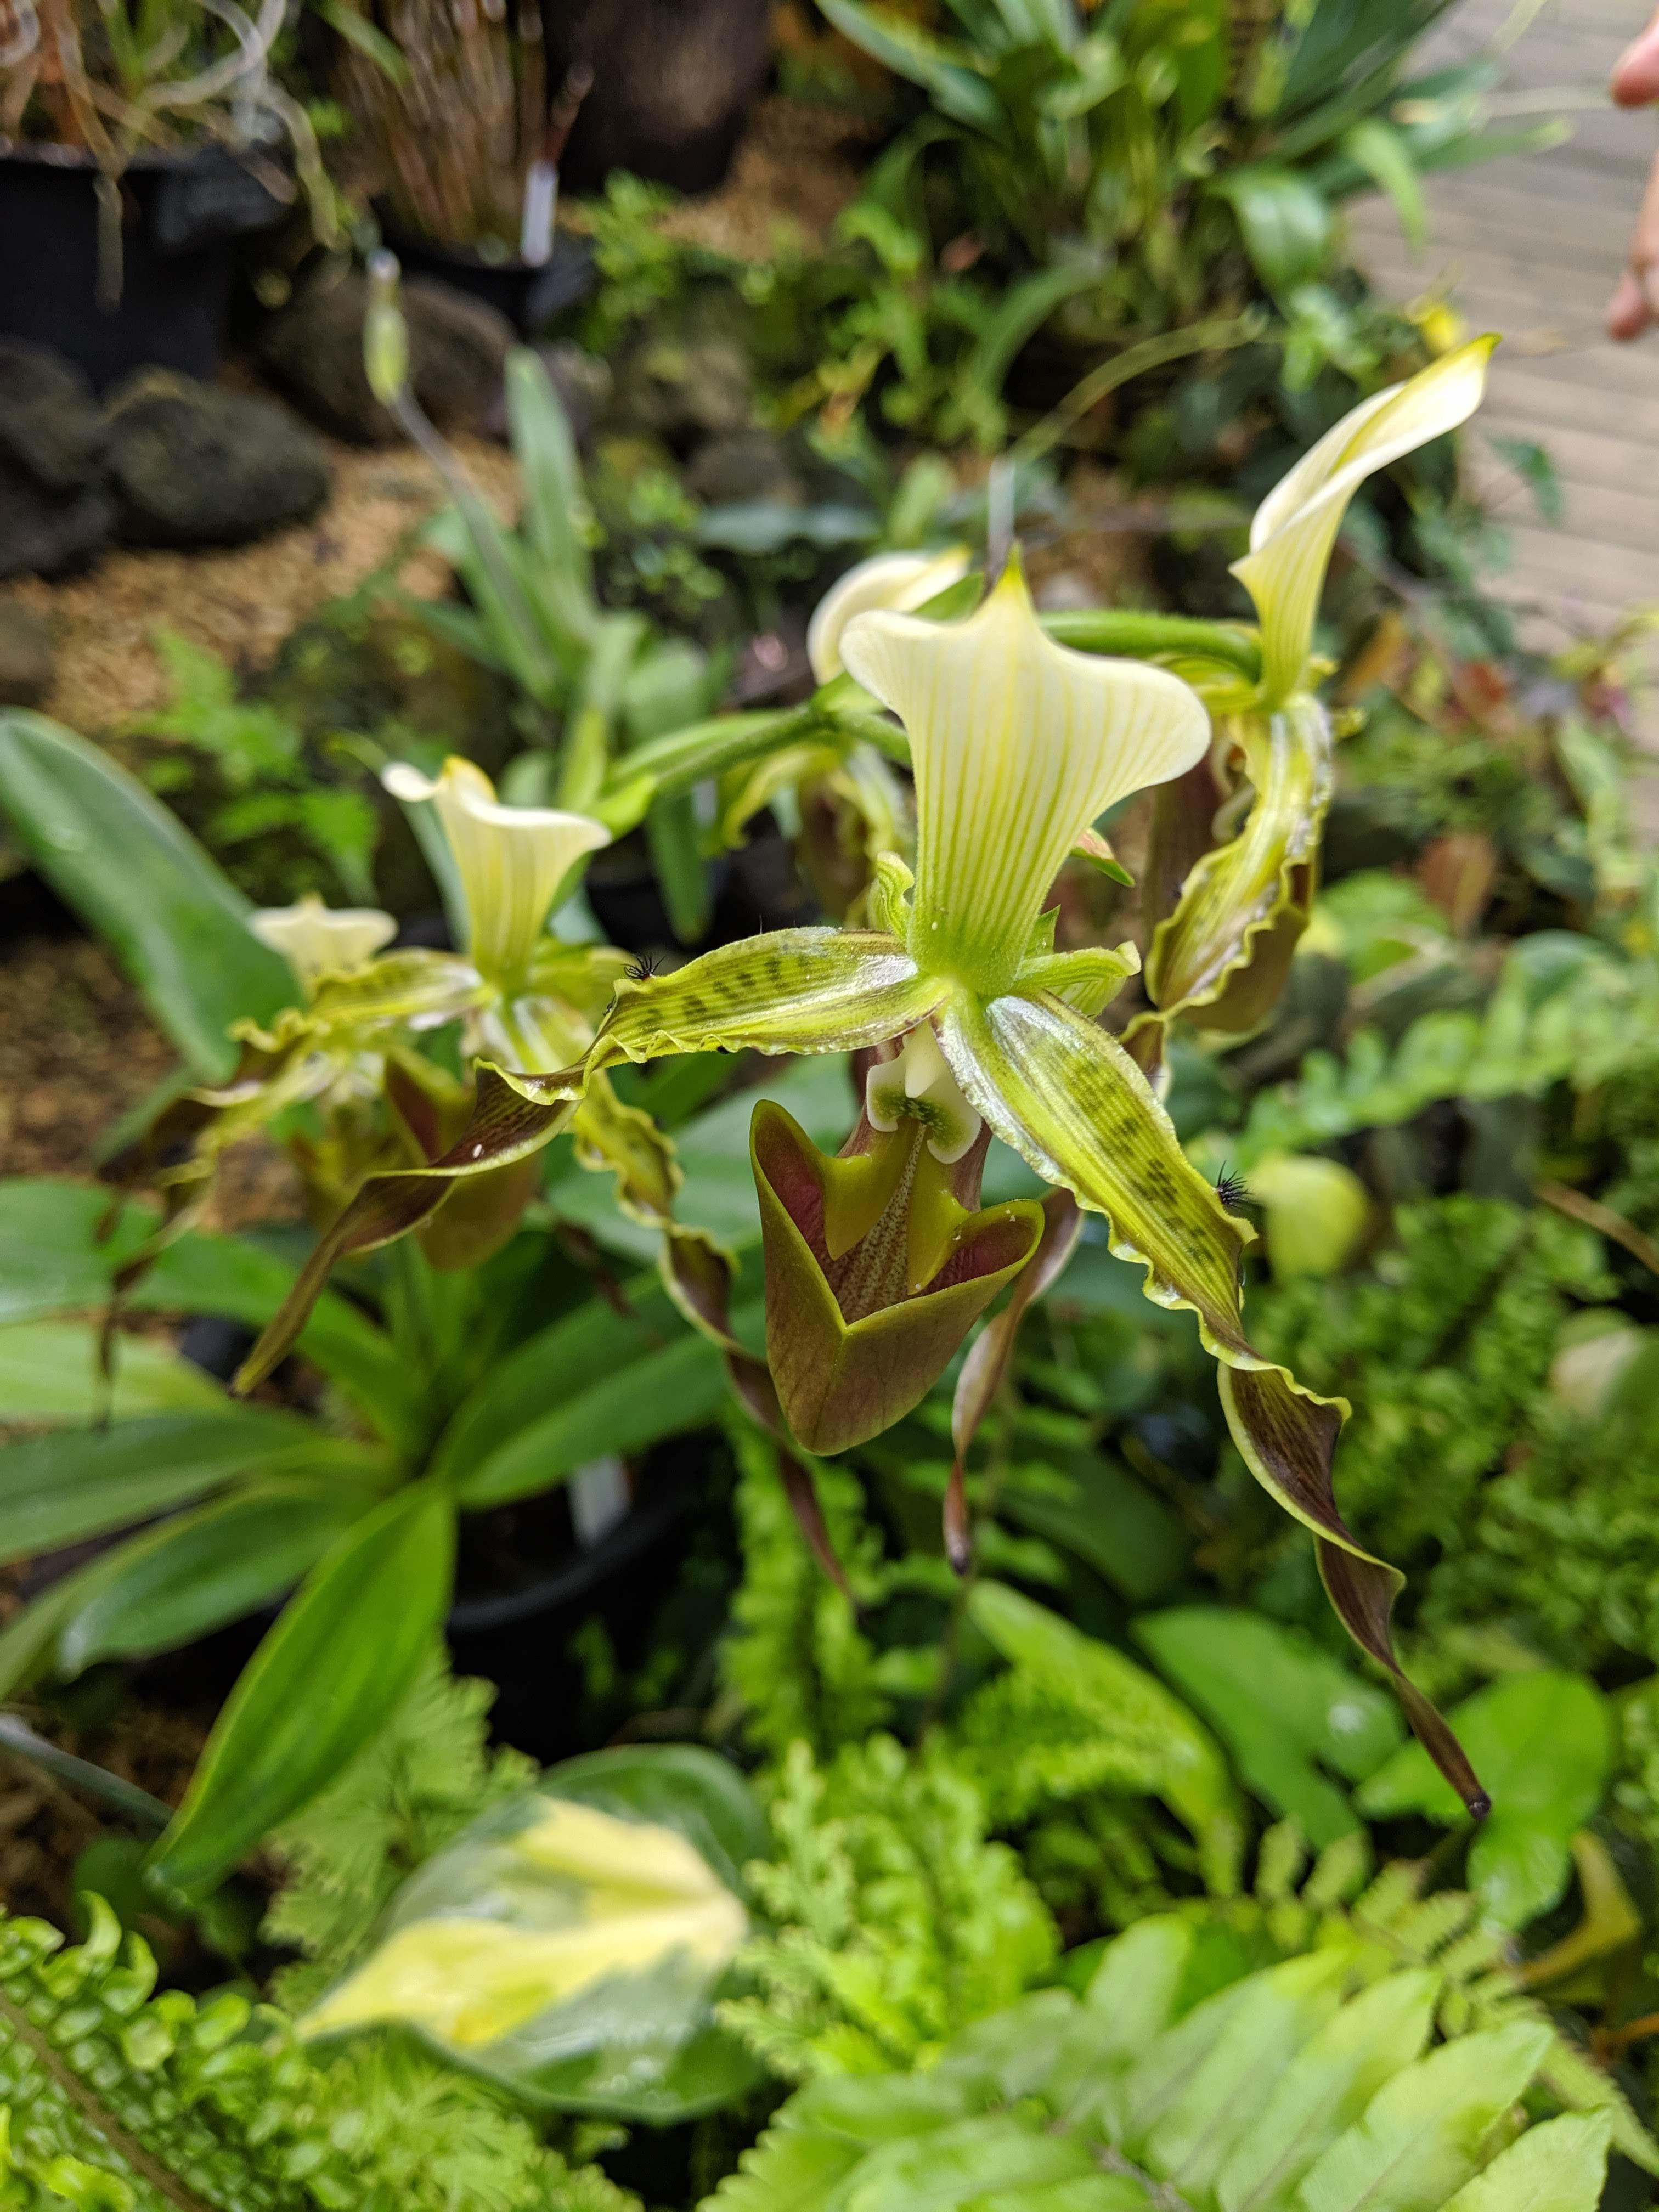 大阪市立咲くやこの花館(植物園)に行ってきました2食虫植物展編